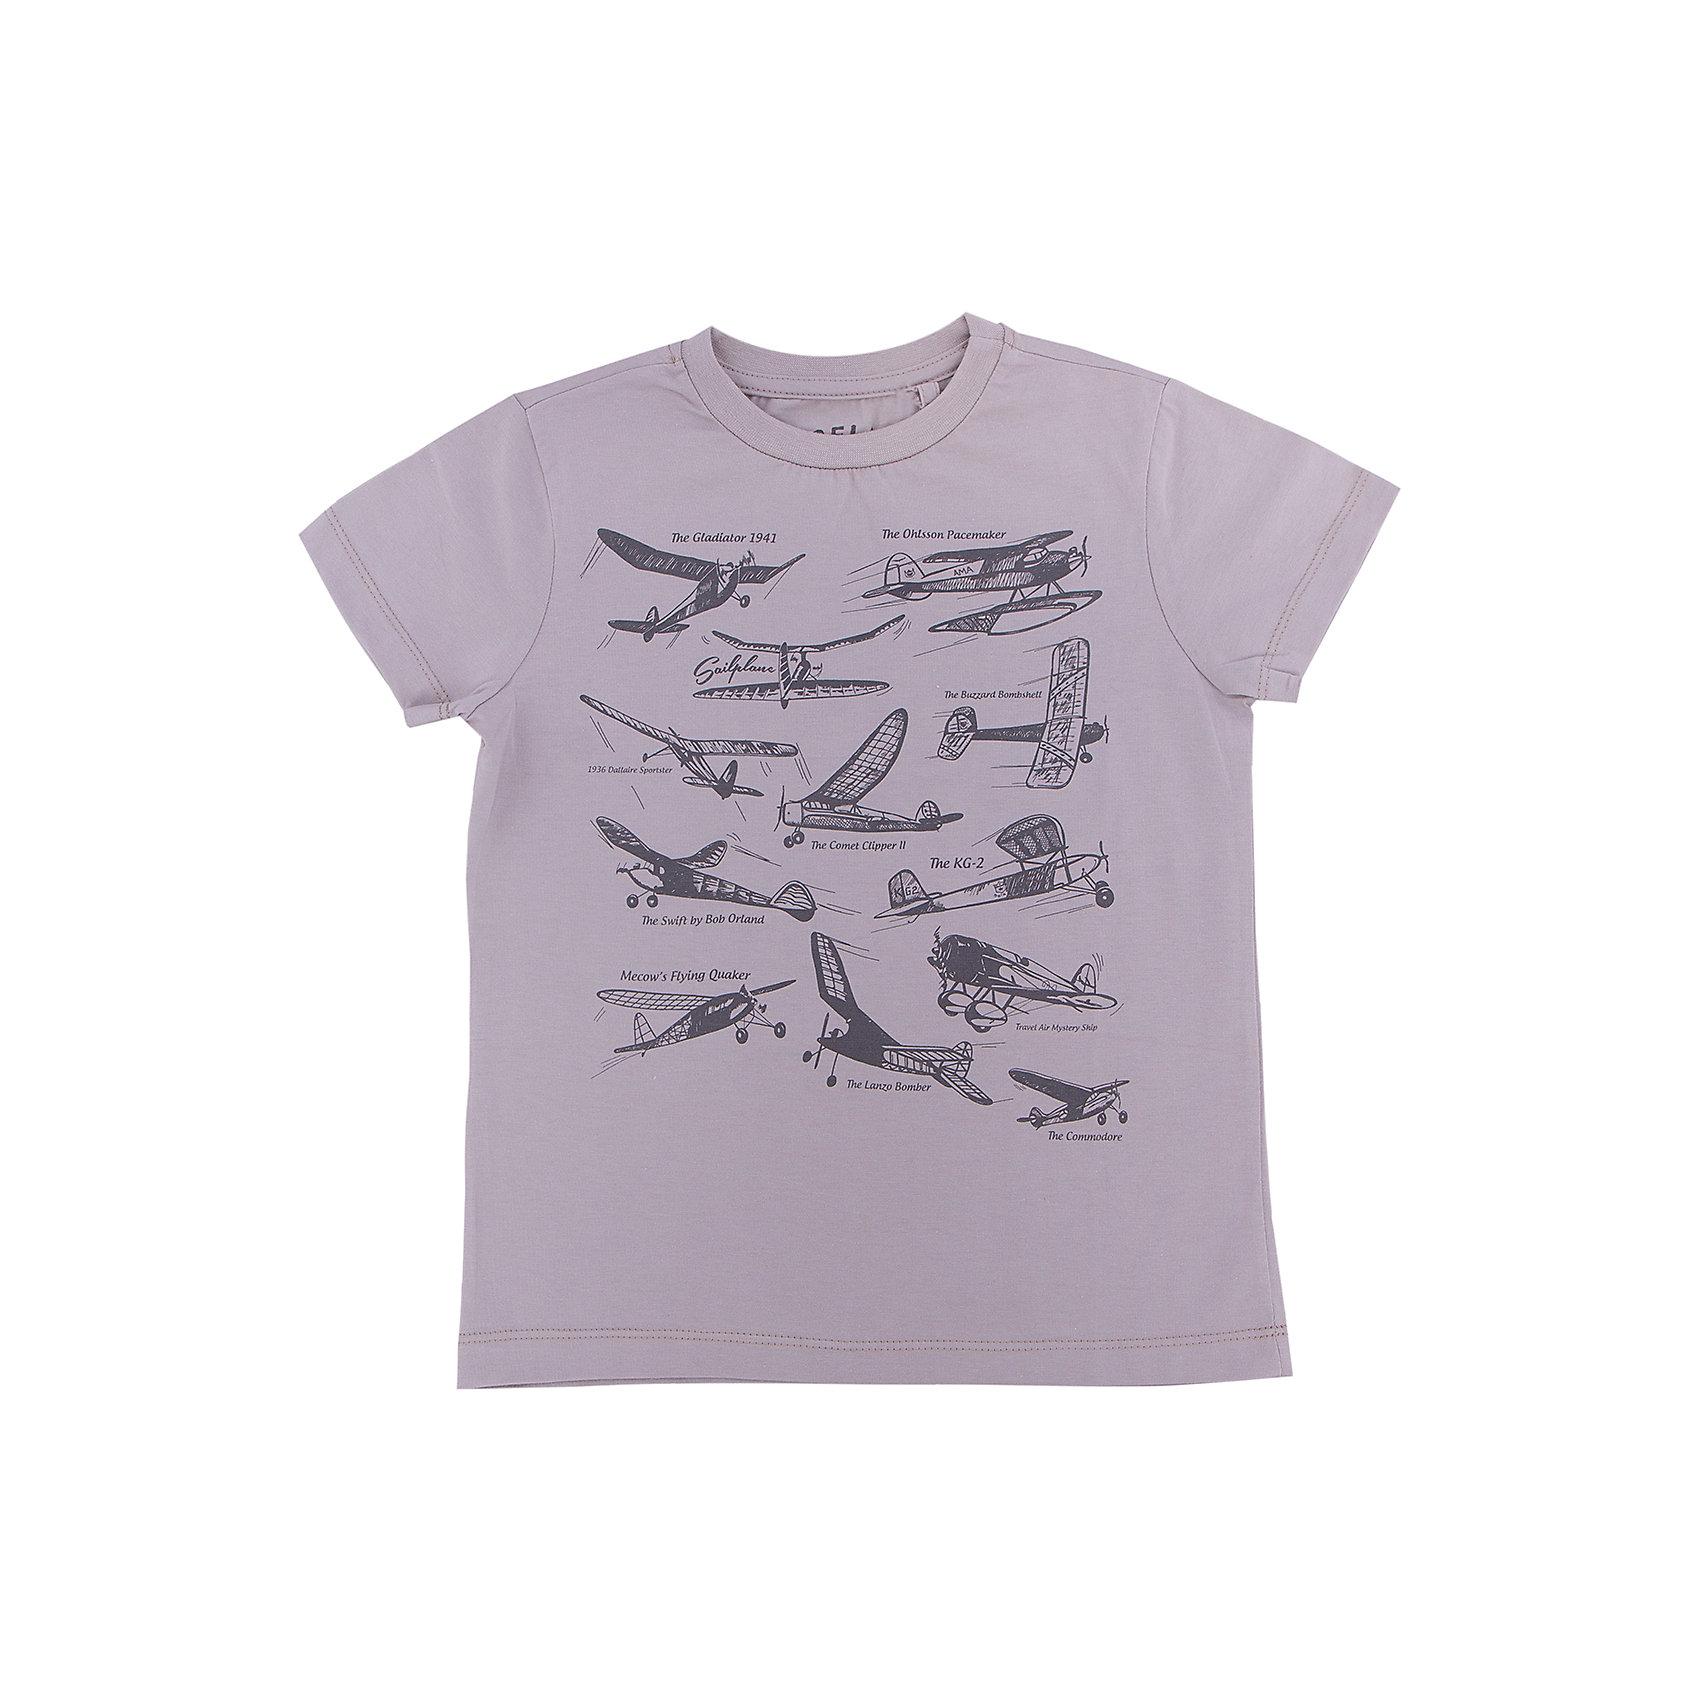 Футболка  для мальчика SELAХарактеристики товара:<br><br>• цвет: серый<br>• состав: 100% хлопок<br>• принт<br>• короткие рукава<br>• округлый горловой вырез<br>• коллекция весна-лето 2017<br>• страна бренда: Российская Федерация<br><br>В новой коллекции SELA отличные модели одежды! Эта футболка для мальчика поможет разнообразить гардероб ребенка и обеспечить комфорт. Она отлично сочетается с джинсами и брюками. В составе ткани -только дышащий гипоаллергенный хлопок!<br><br>Одежда, обувь и аксессуары от российского бренда SELA не зря пользуются большой популярностью у детей и взрослых! Модели этой марки - стильные и удобные, цена при этом неизменно остается доступной. Для их производства используются только безопасные, качественные материалы и фурнитура. Новая коллекция поддерживает хорошие традиции бренда! <br><br>Футболку для мальчика от популярного бренда SELA (СЕЛА) можно купить в нашем интернет-магазине.<br><br>Ширина мм: 230<br>Глубина мм: 40<br>Высота мм: 220<br>Вес г: 250<br>Цвет: серый<br>Возраст от месяцев: 96<br>Возраст до месяцев: 108<br>Пол: Мужской<br>Возраст: Детский<br>Размер: 134,140,146,152,116,122,128<br>SKU: 5304025